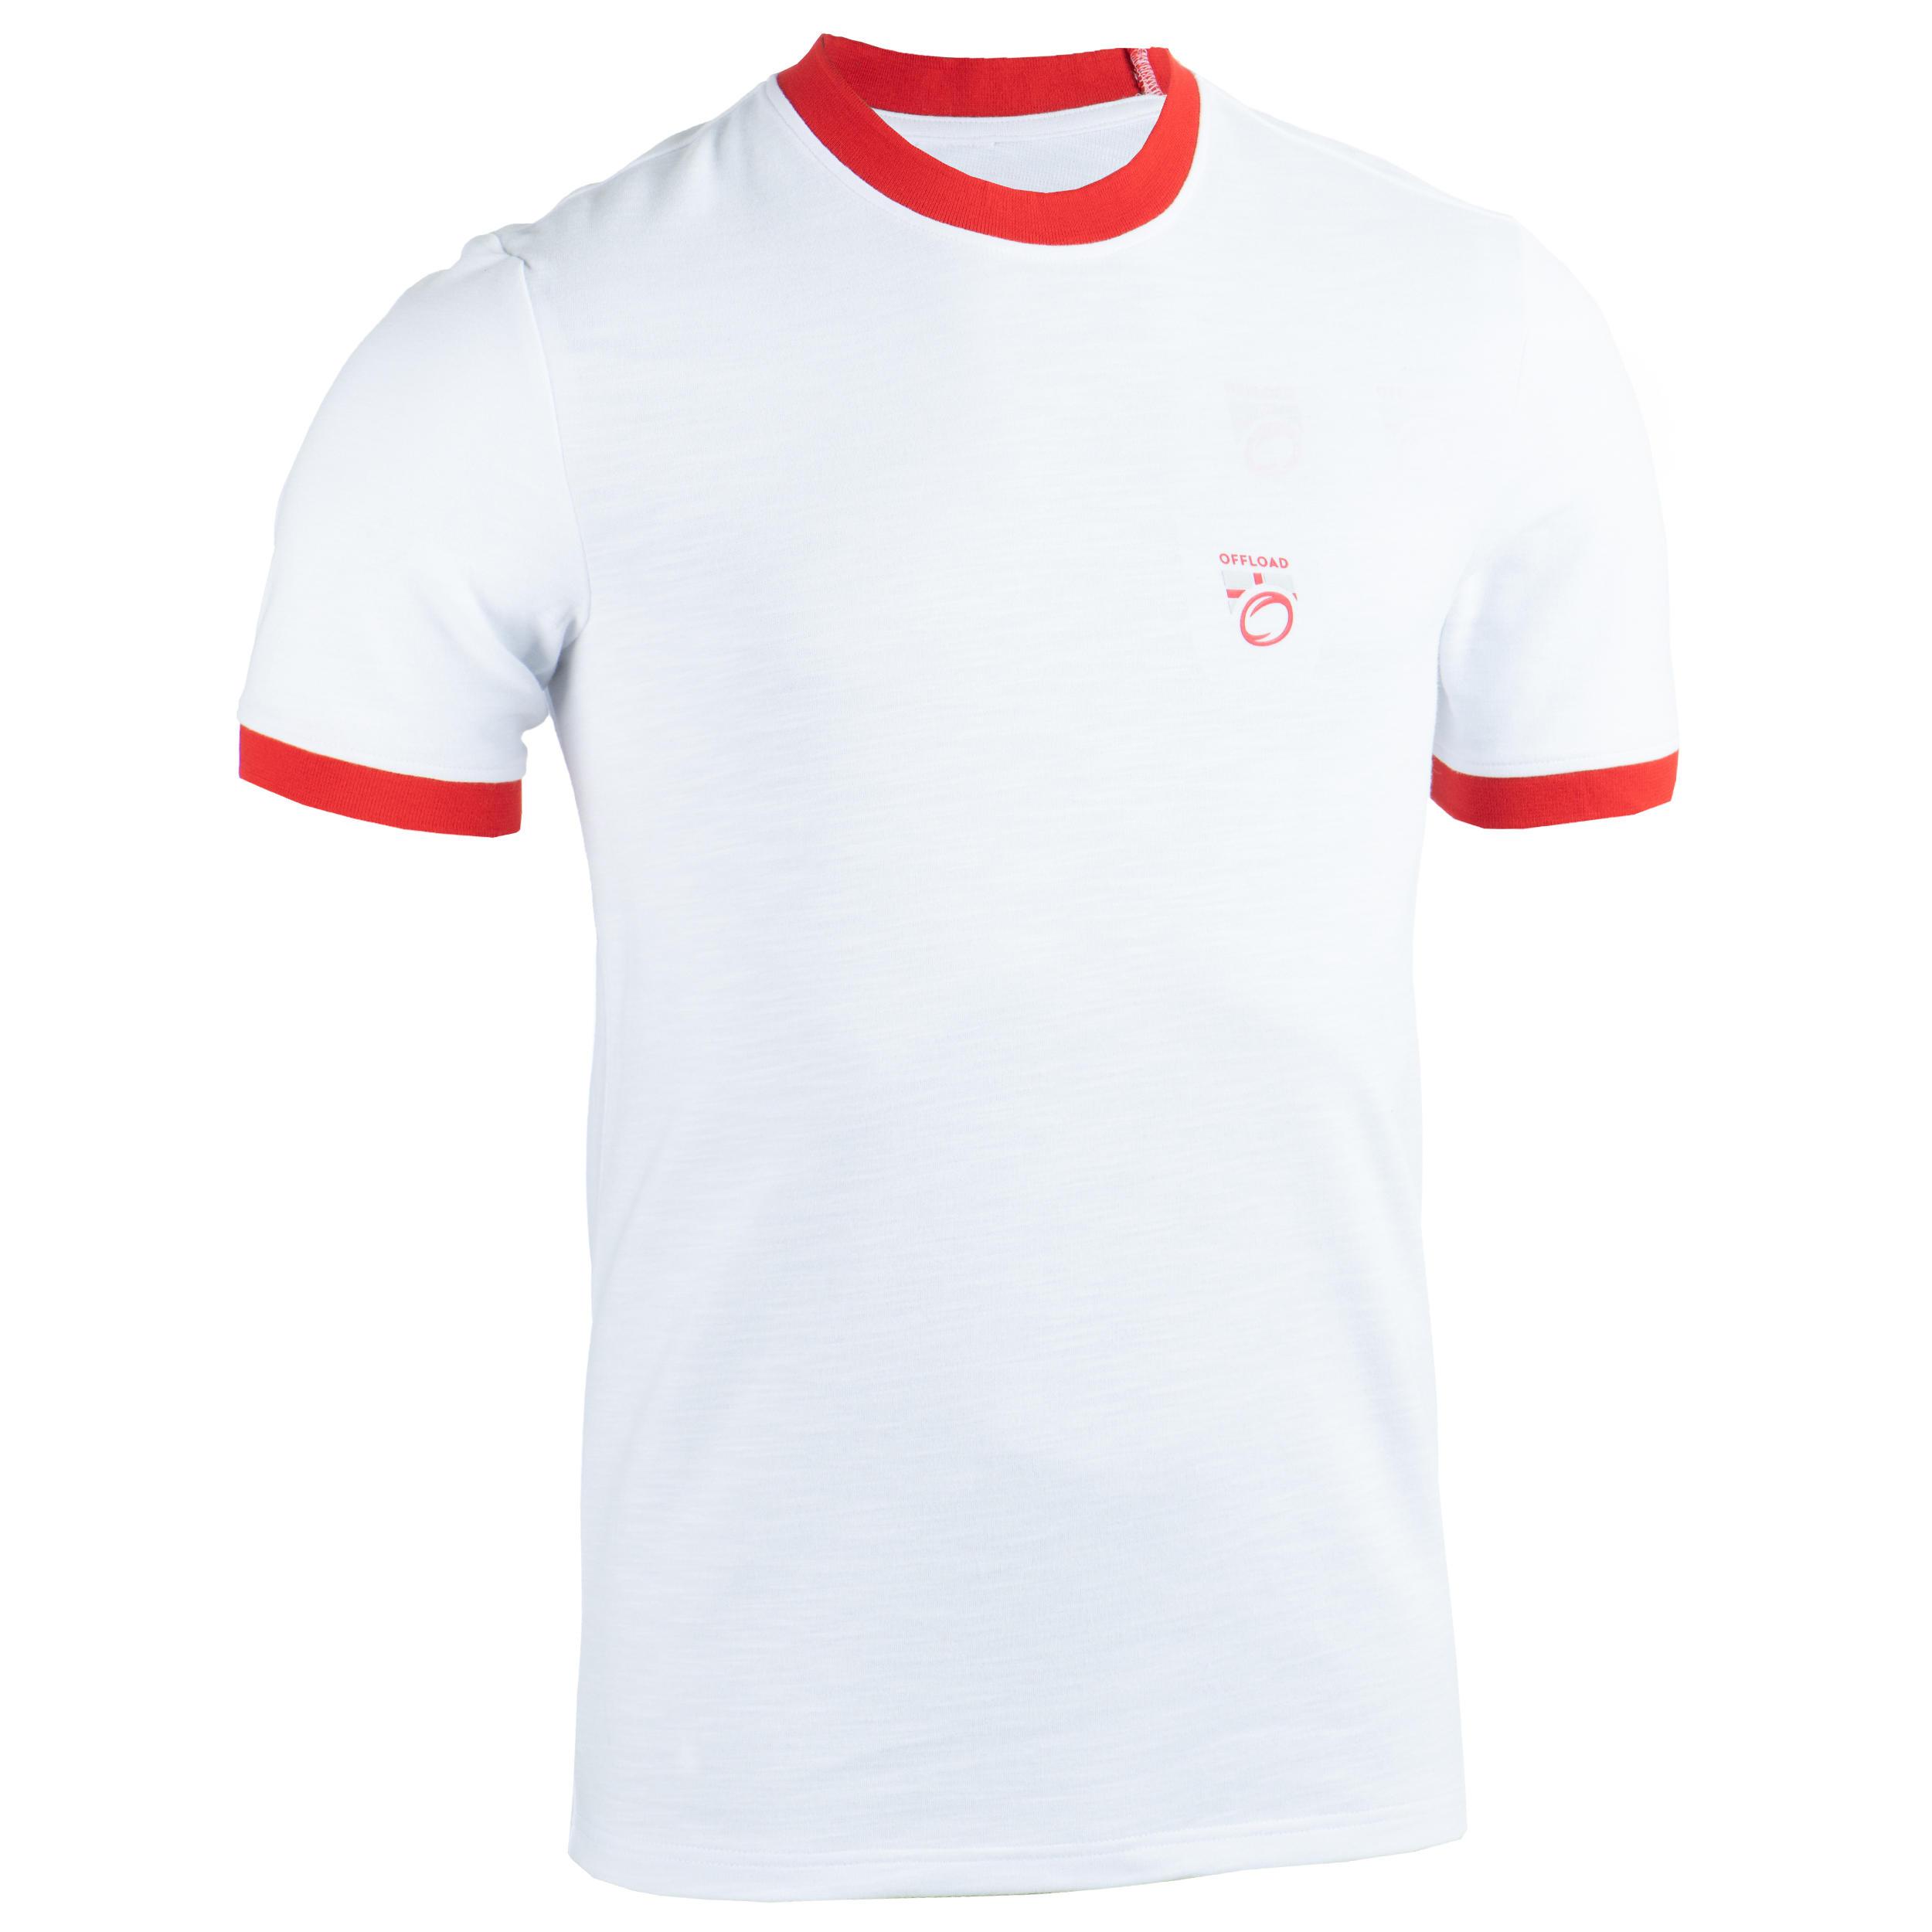 Fanshirt Rugby-WM 2019 England Herren weiß | Sportbekleidung > Sportshirts > Fanshirts | Offload